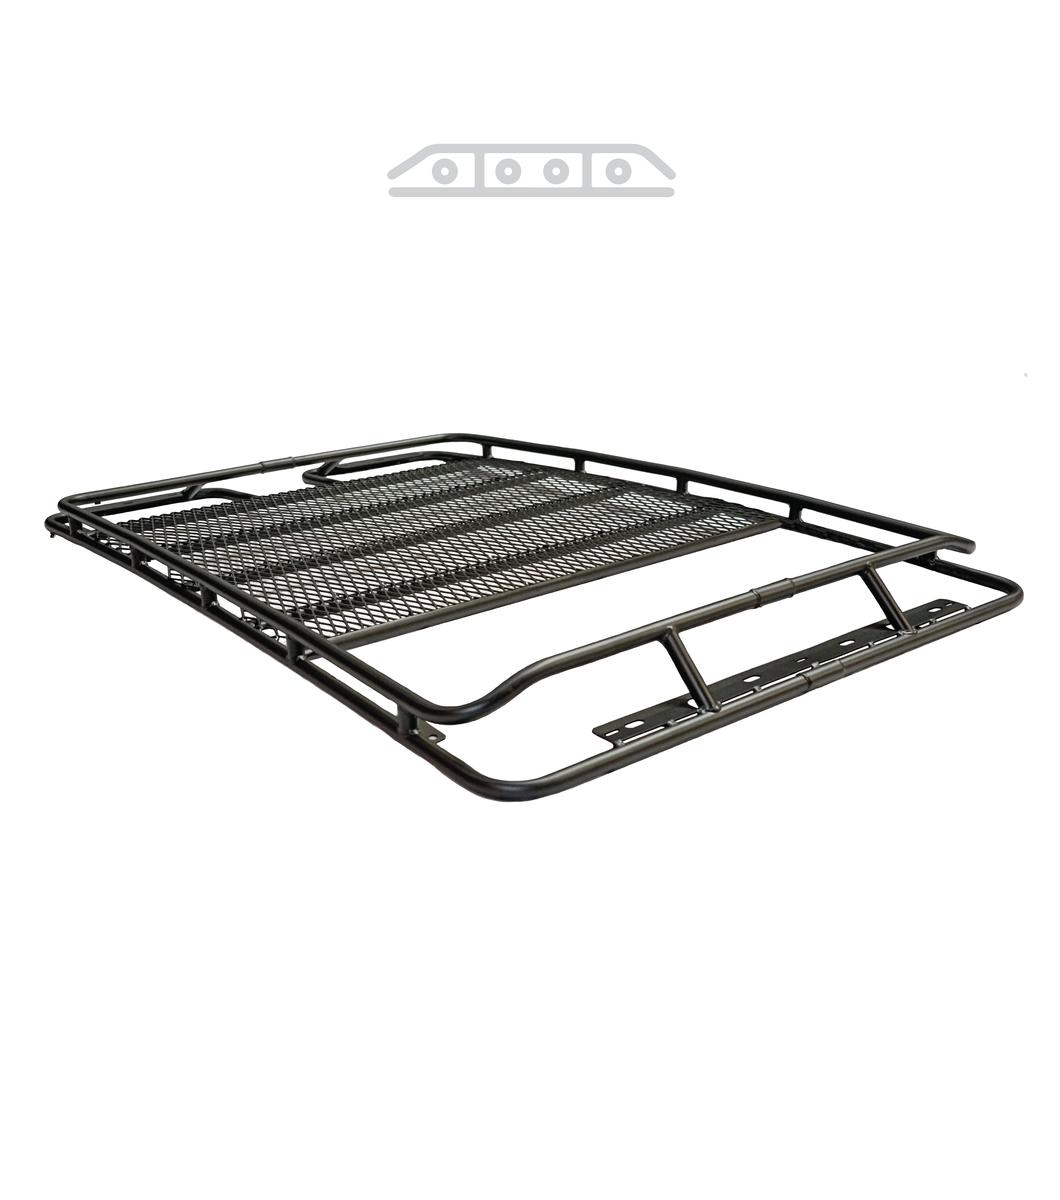 jeep cherokee kl u00b7 stealth rack  u00b7 multi-light setup u00b7 with sunroof